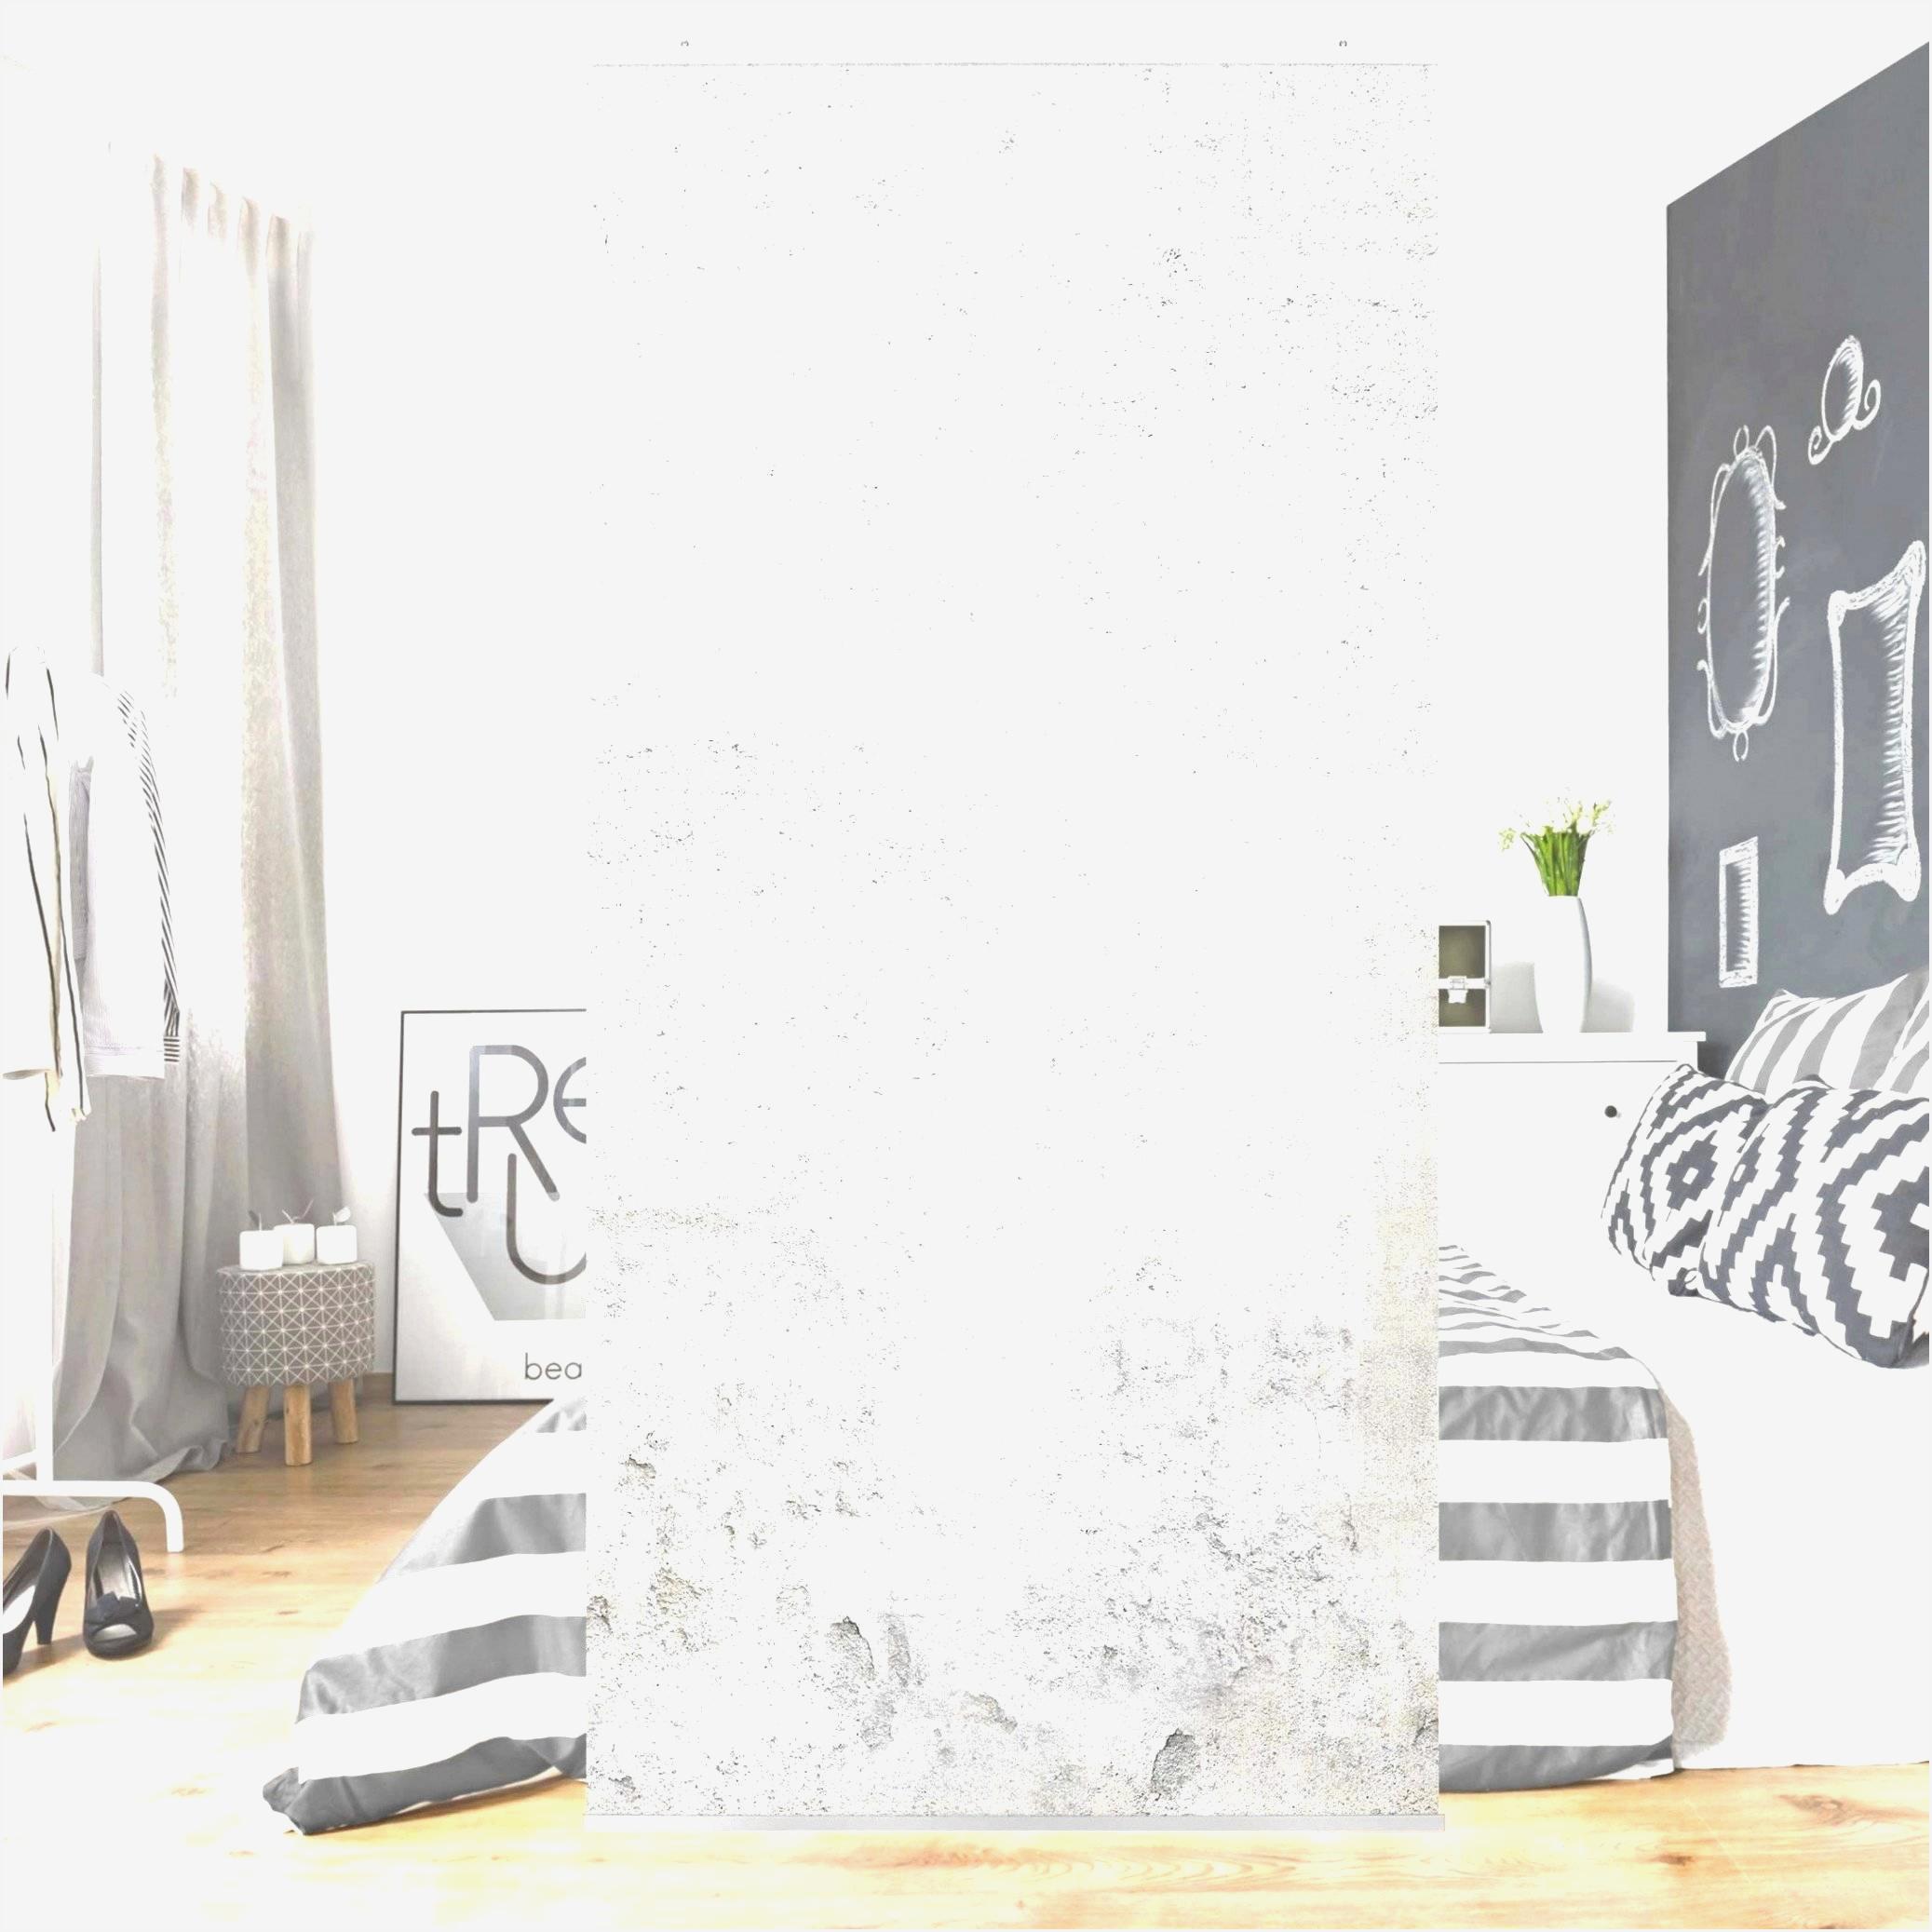 wie kann ich esszimmer und wohnzimmer mit vorhang teilen